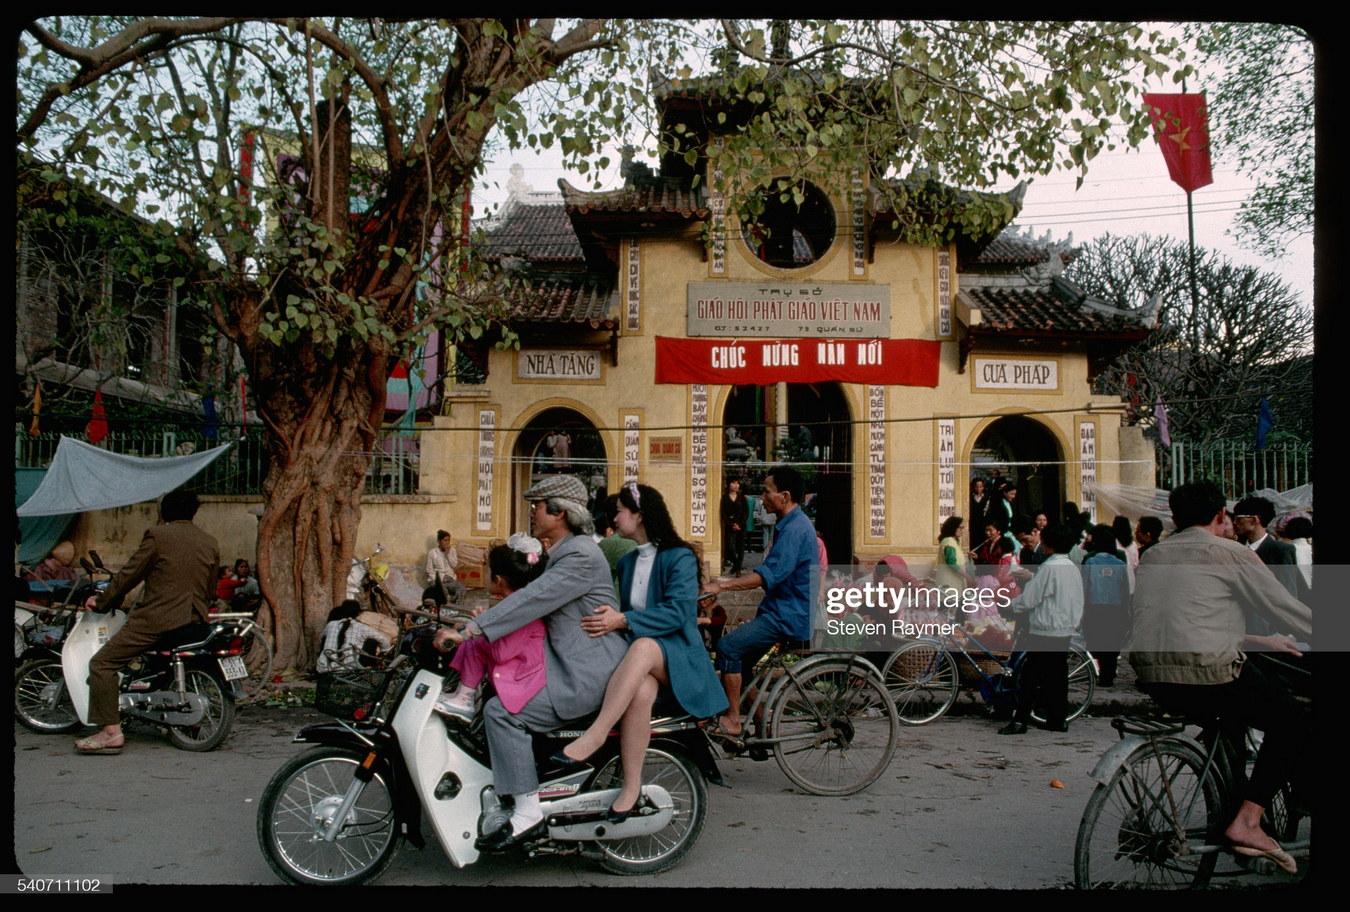 Tết Nguyên đán ở Hà Nội năm 1994 qua ảnh của Steve Raymer